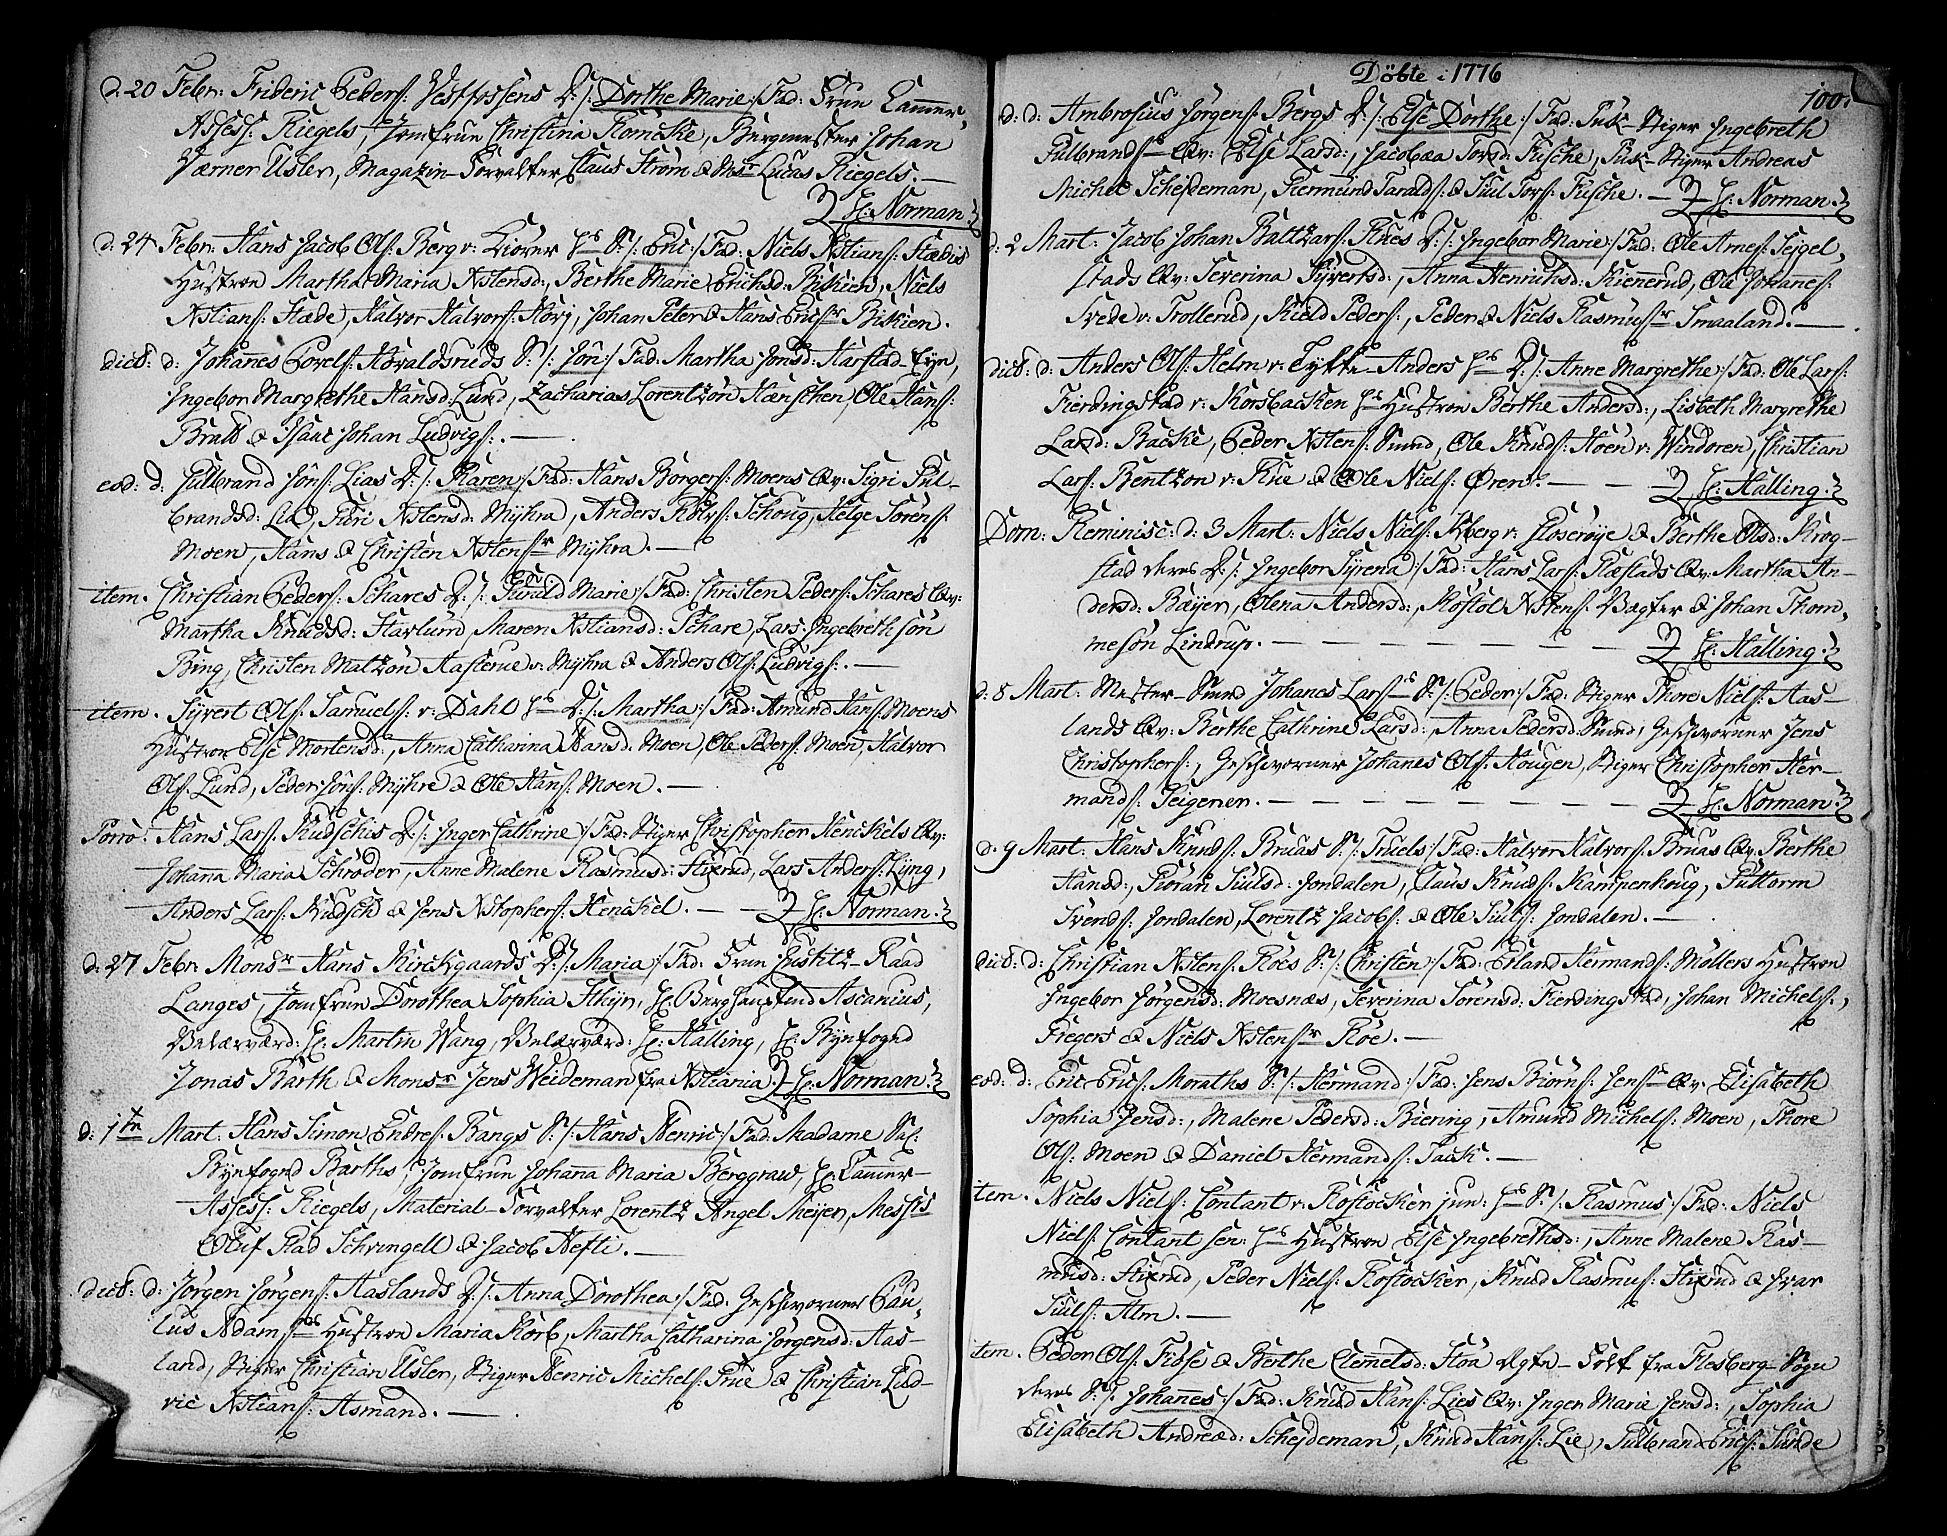 SAKO, Kongsberg kirkebøker, F/Fa/L0005: Ministerialbok nr. I 5, 1769-1782, s. 100